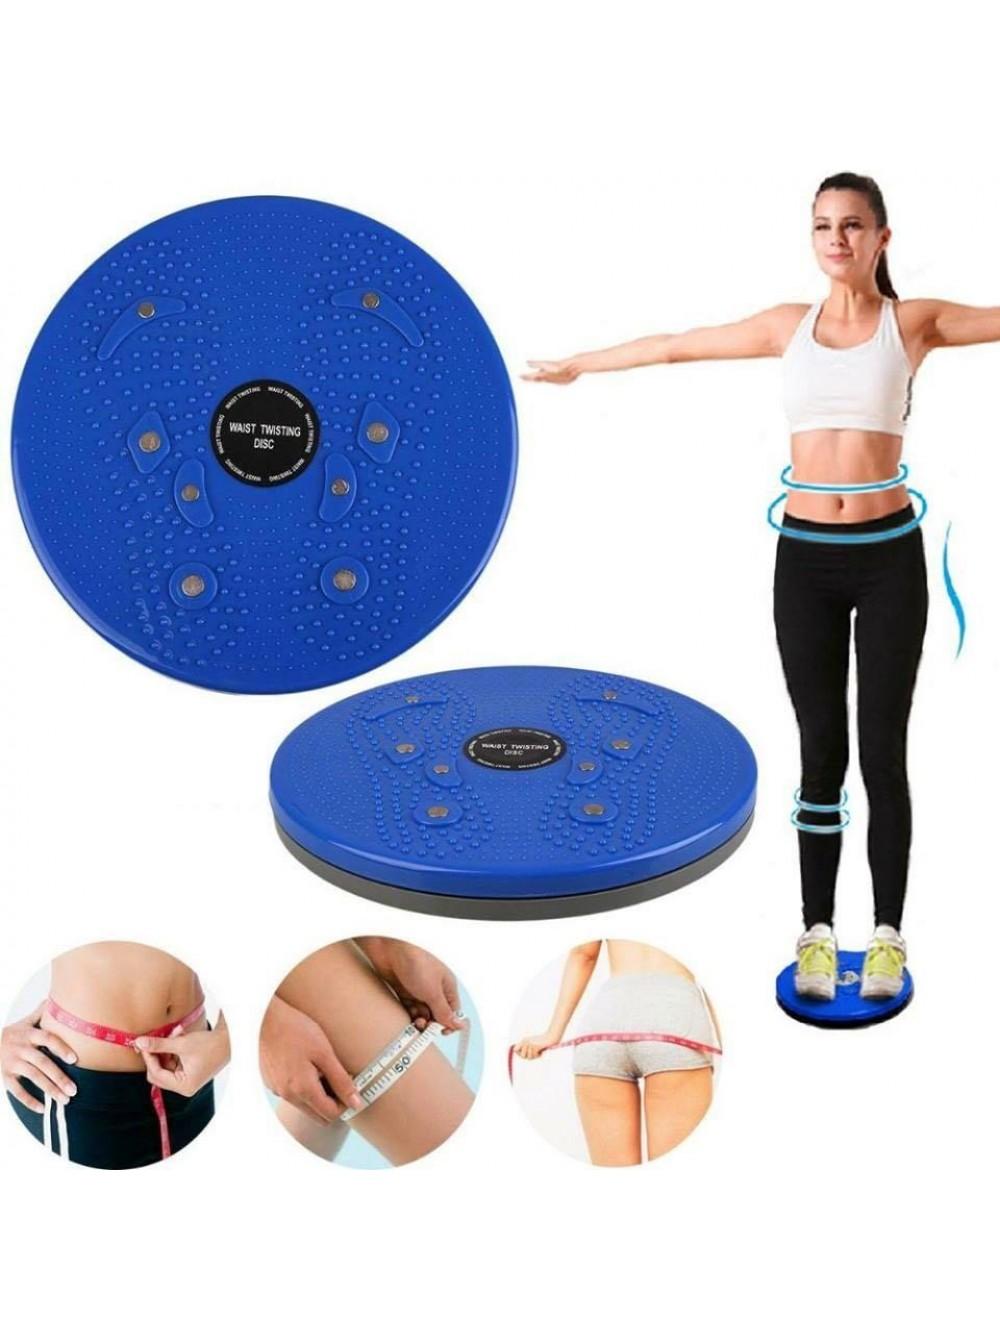 Похудеть с помощью диска здоровья отзывы